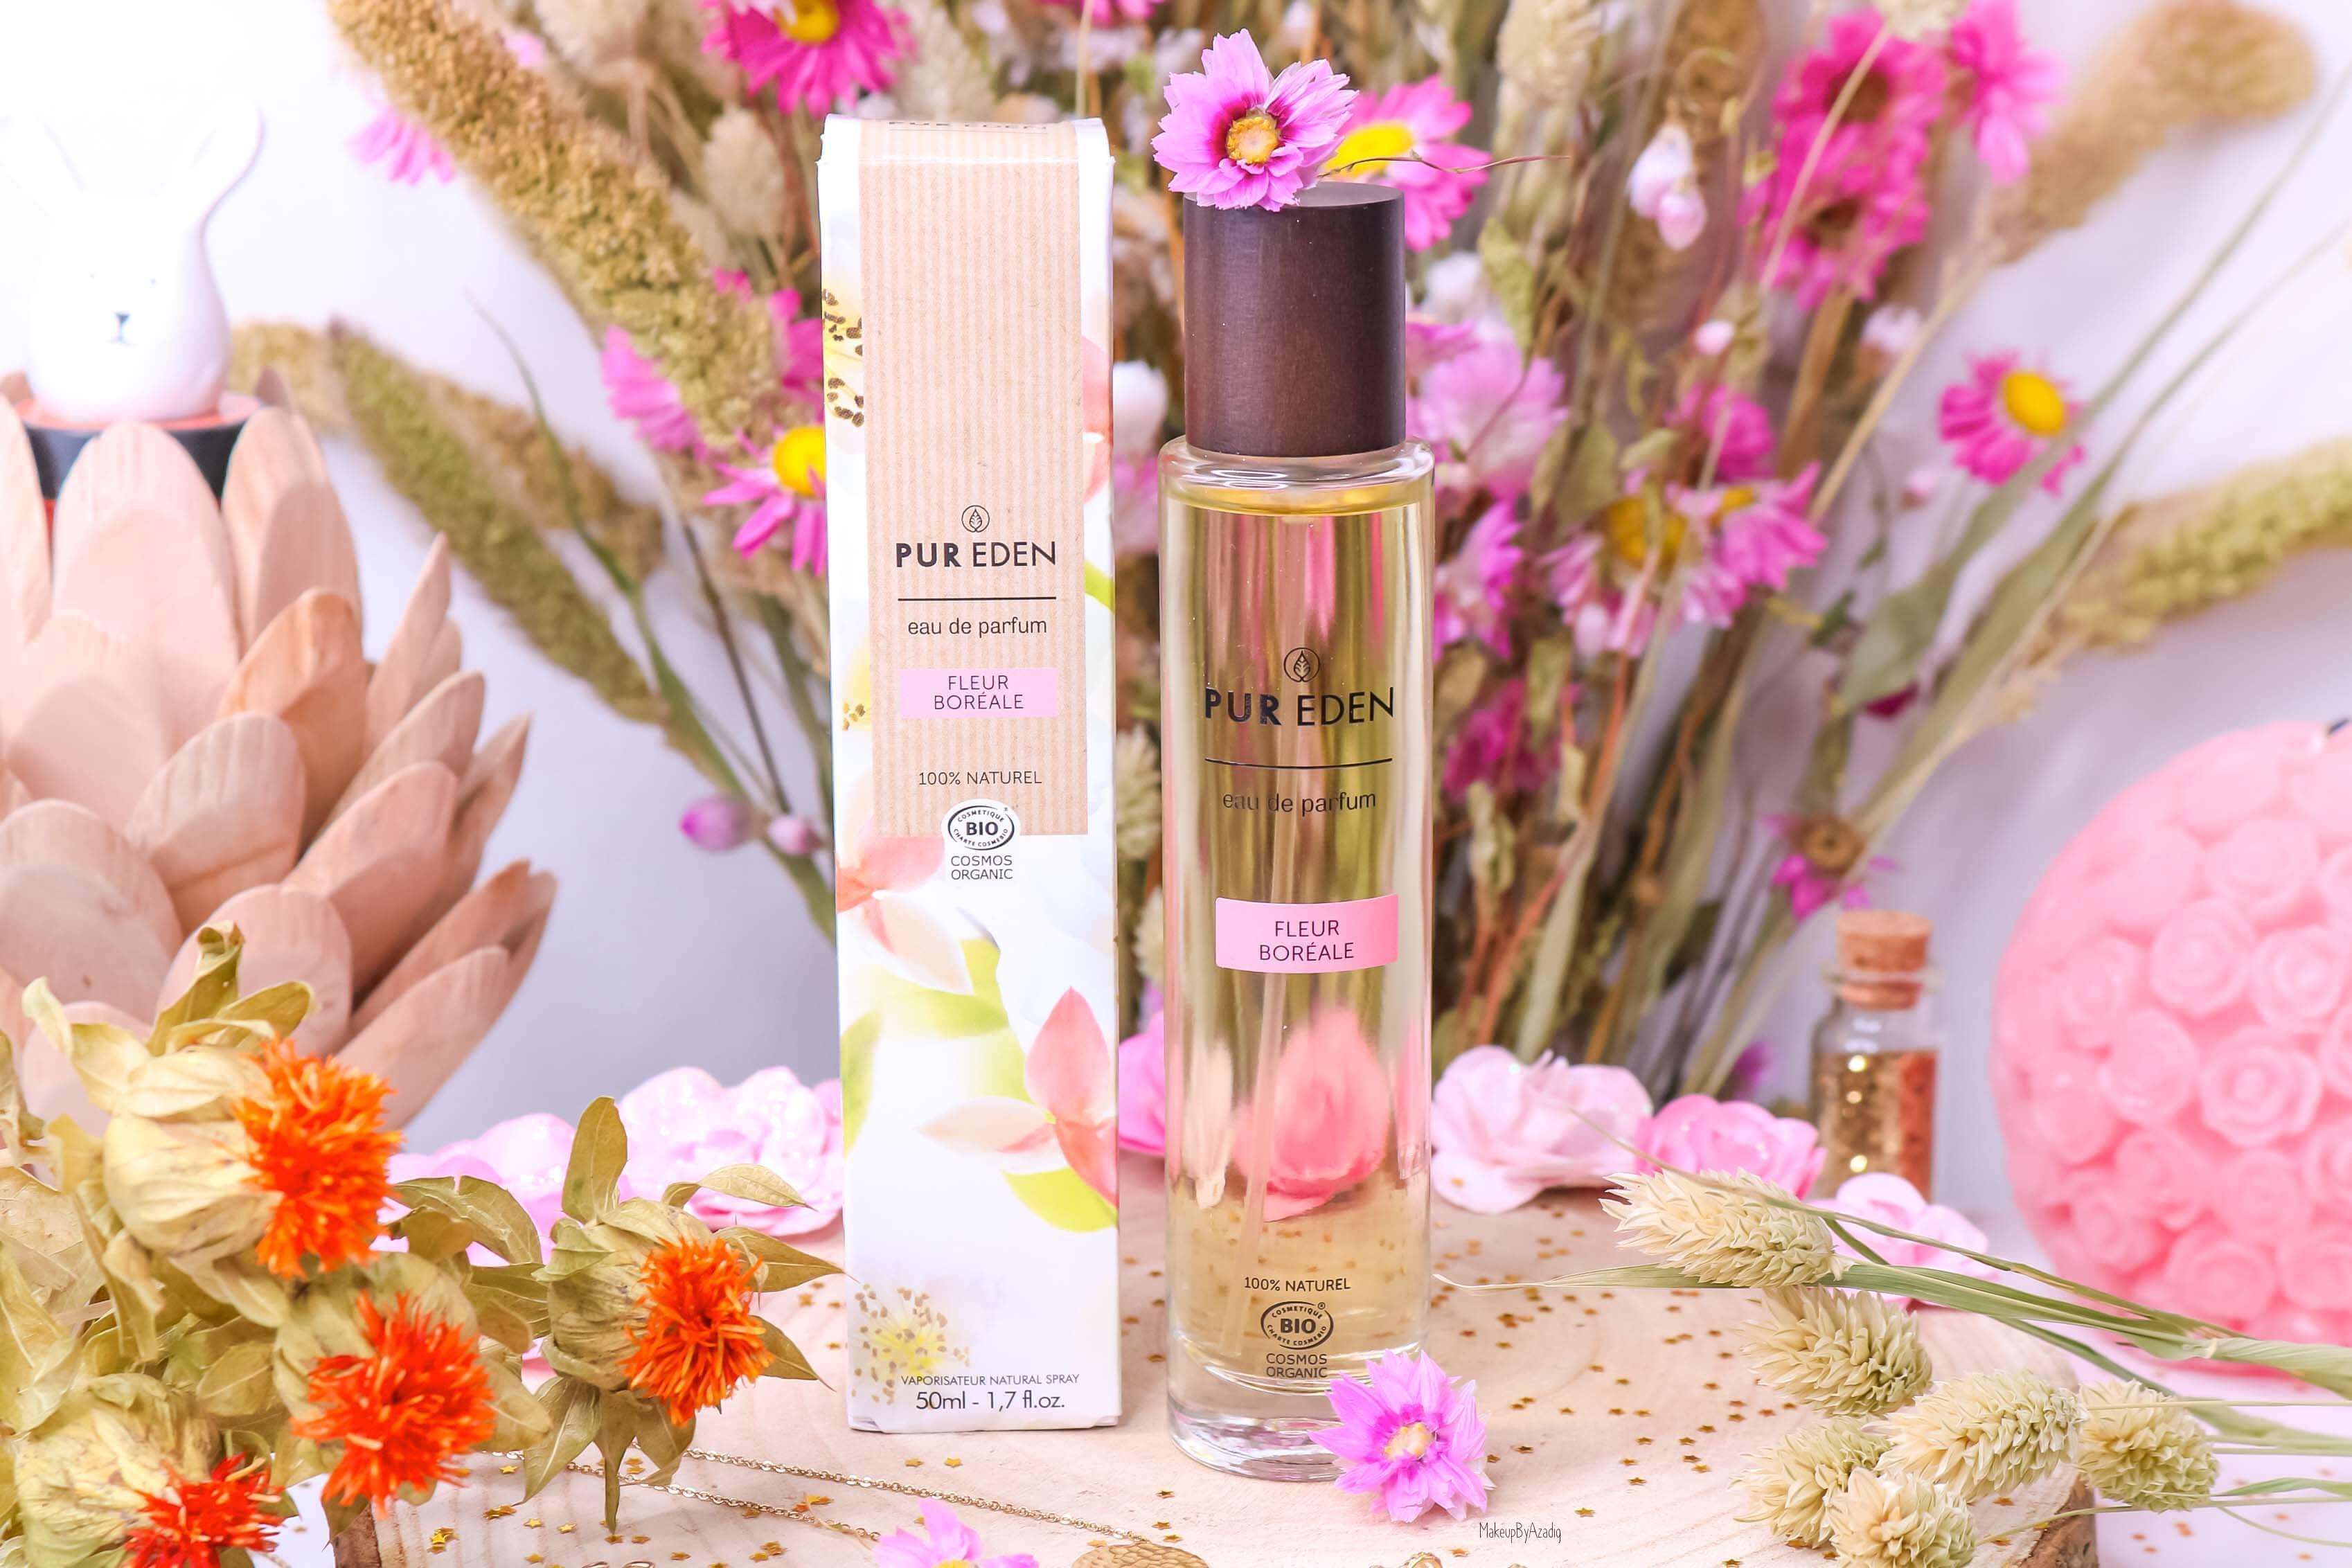 revue-eau-de-parfum-bio-vegan-pur-eden-fleur-boreale-extraits-hesperides-eau-dorient-makeupbyazadig-avis-prix-tenue-rose